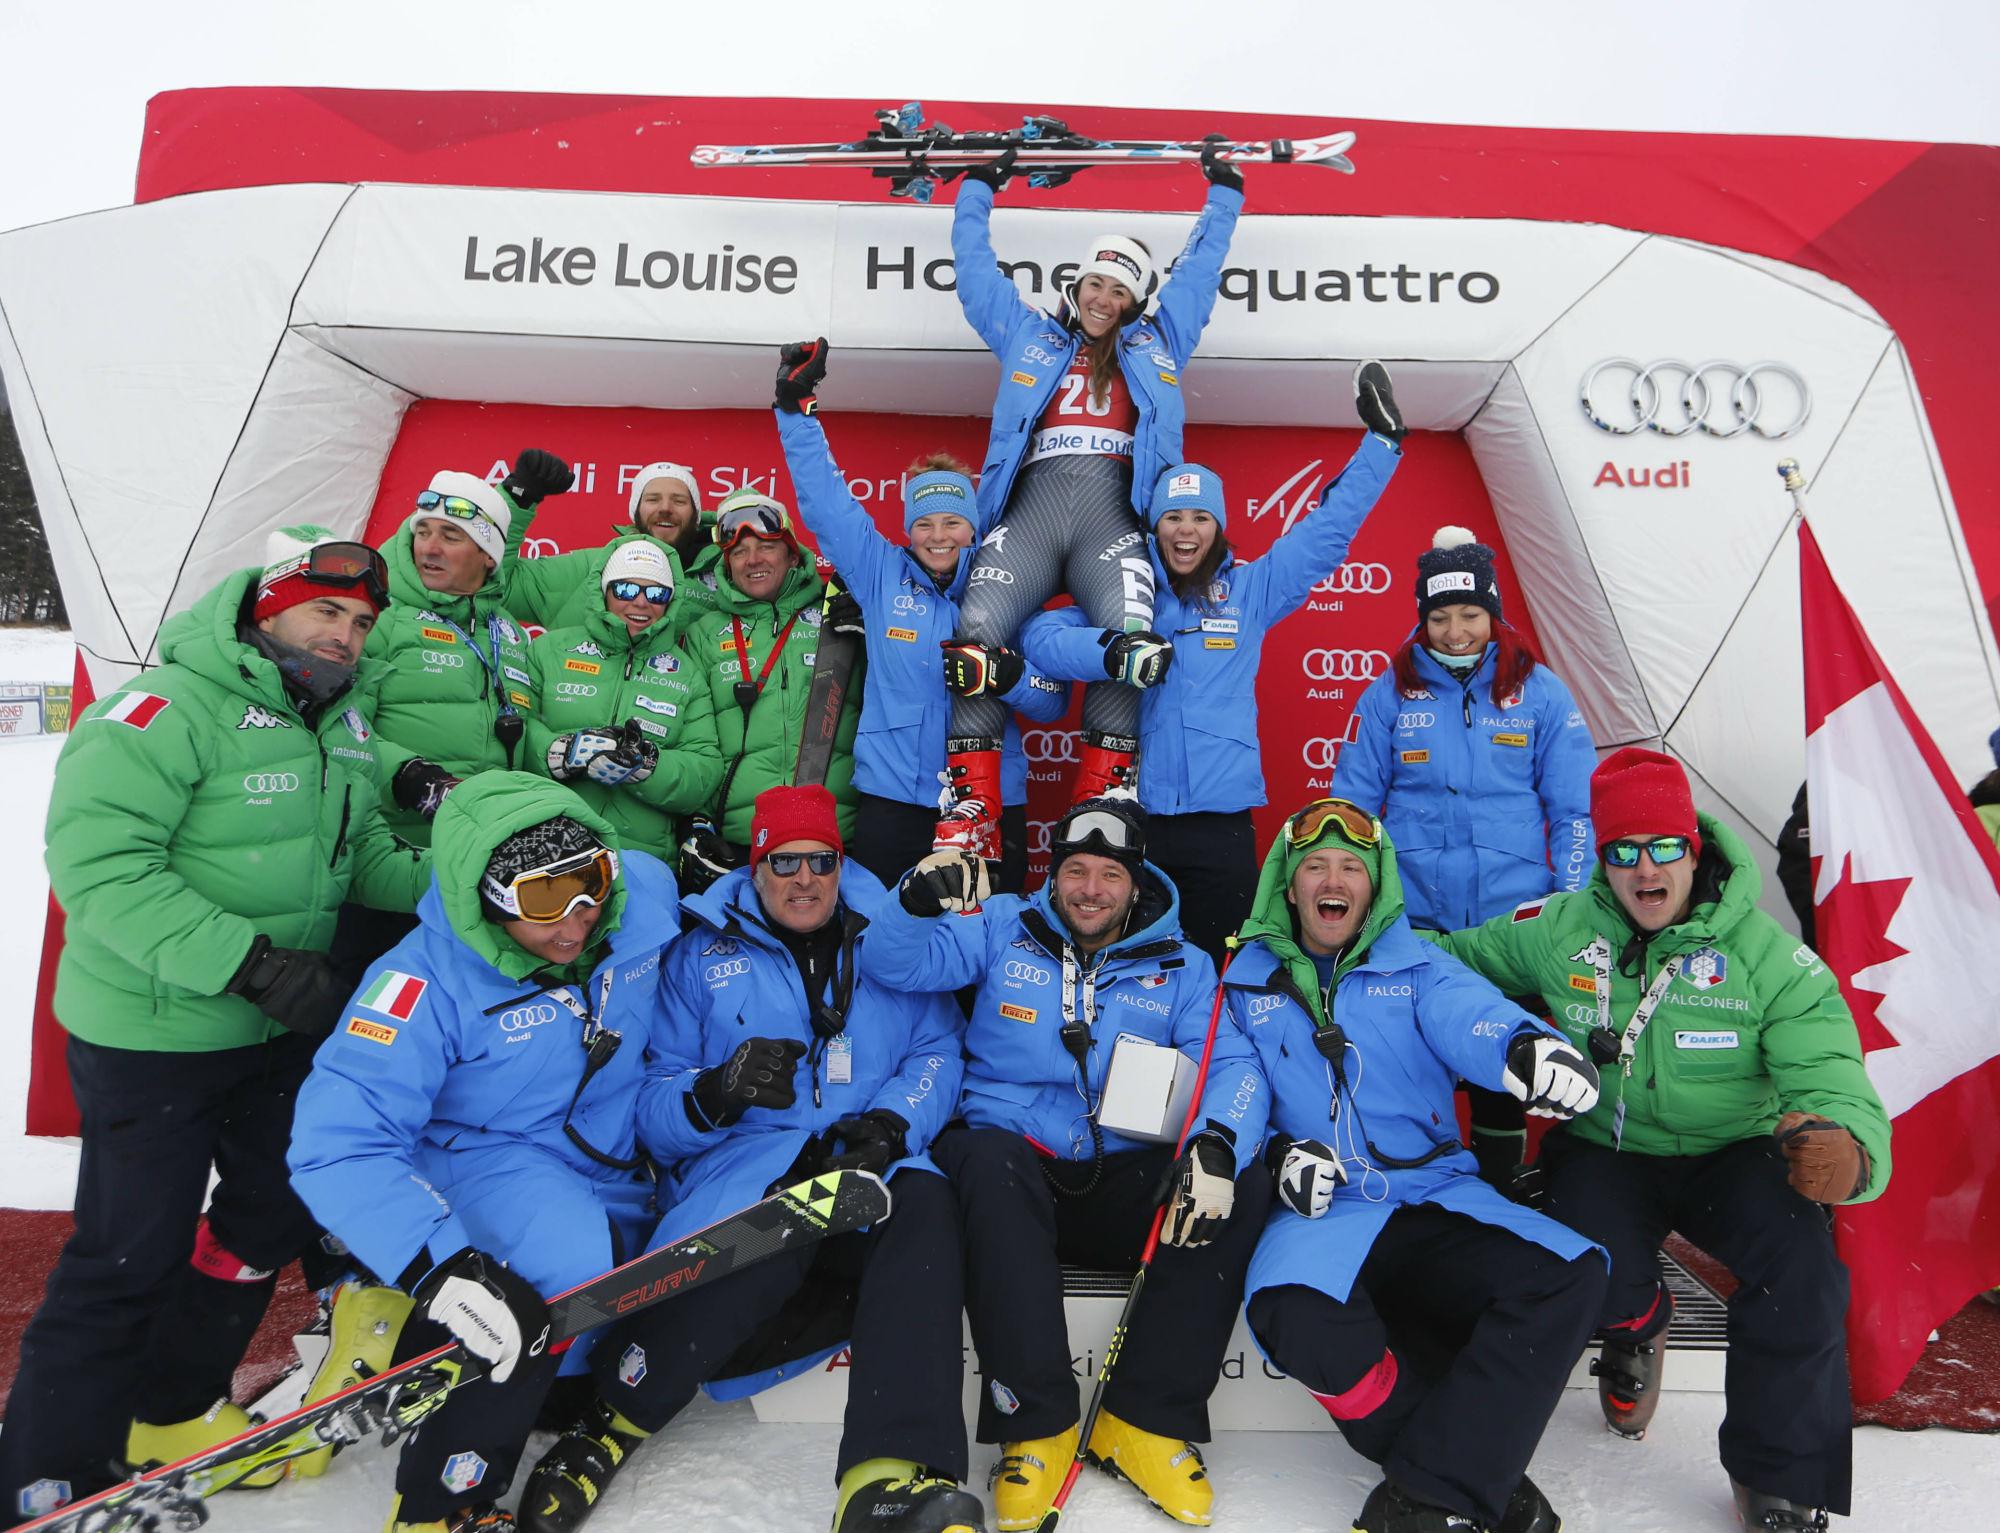 Festa sul podio a Lake Louise per Sofia Goggia (@Zoom agence)